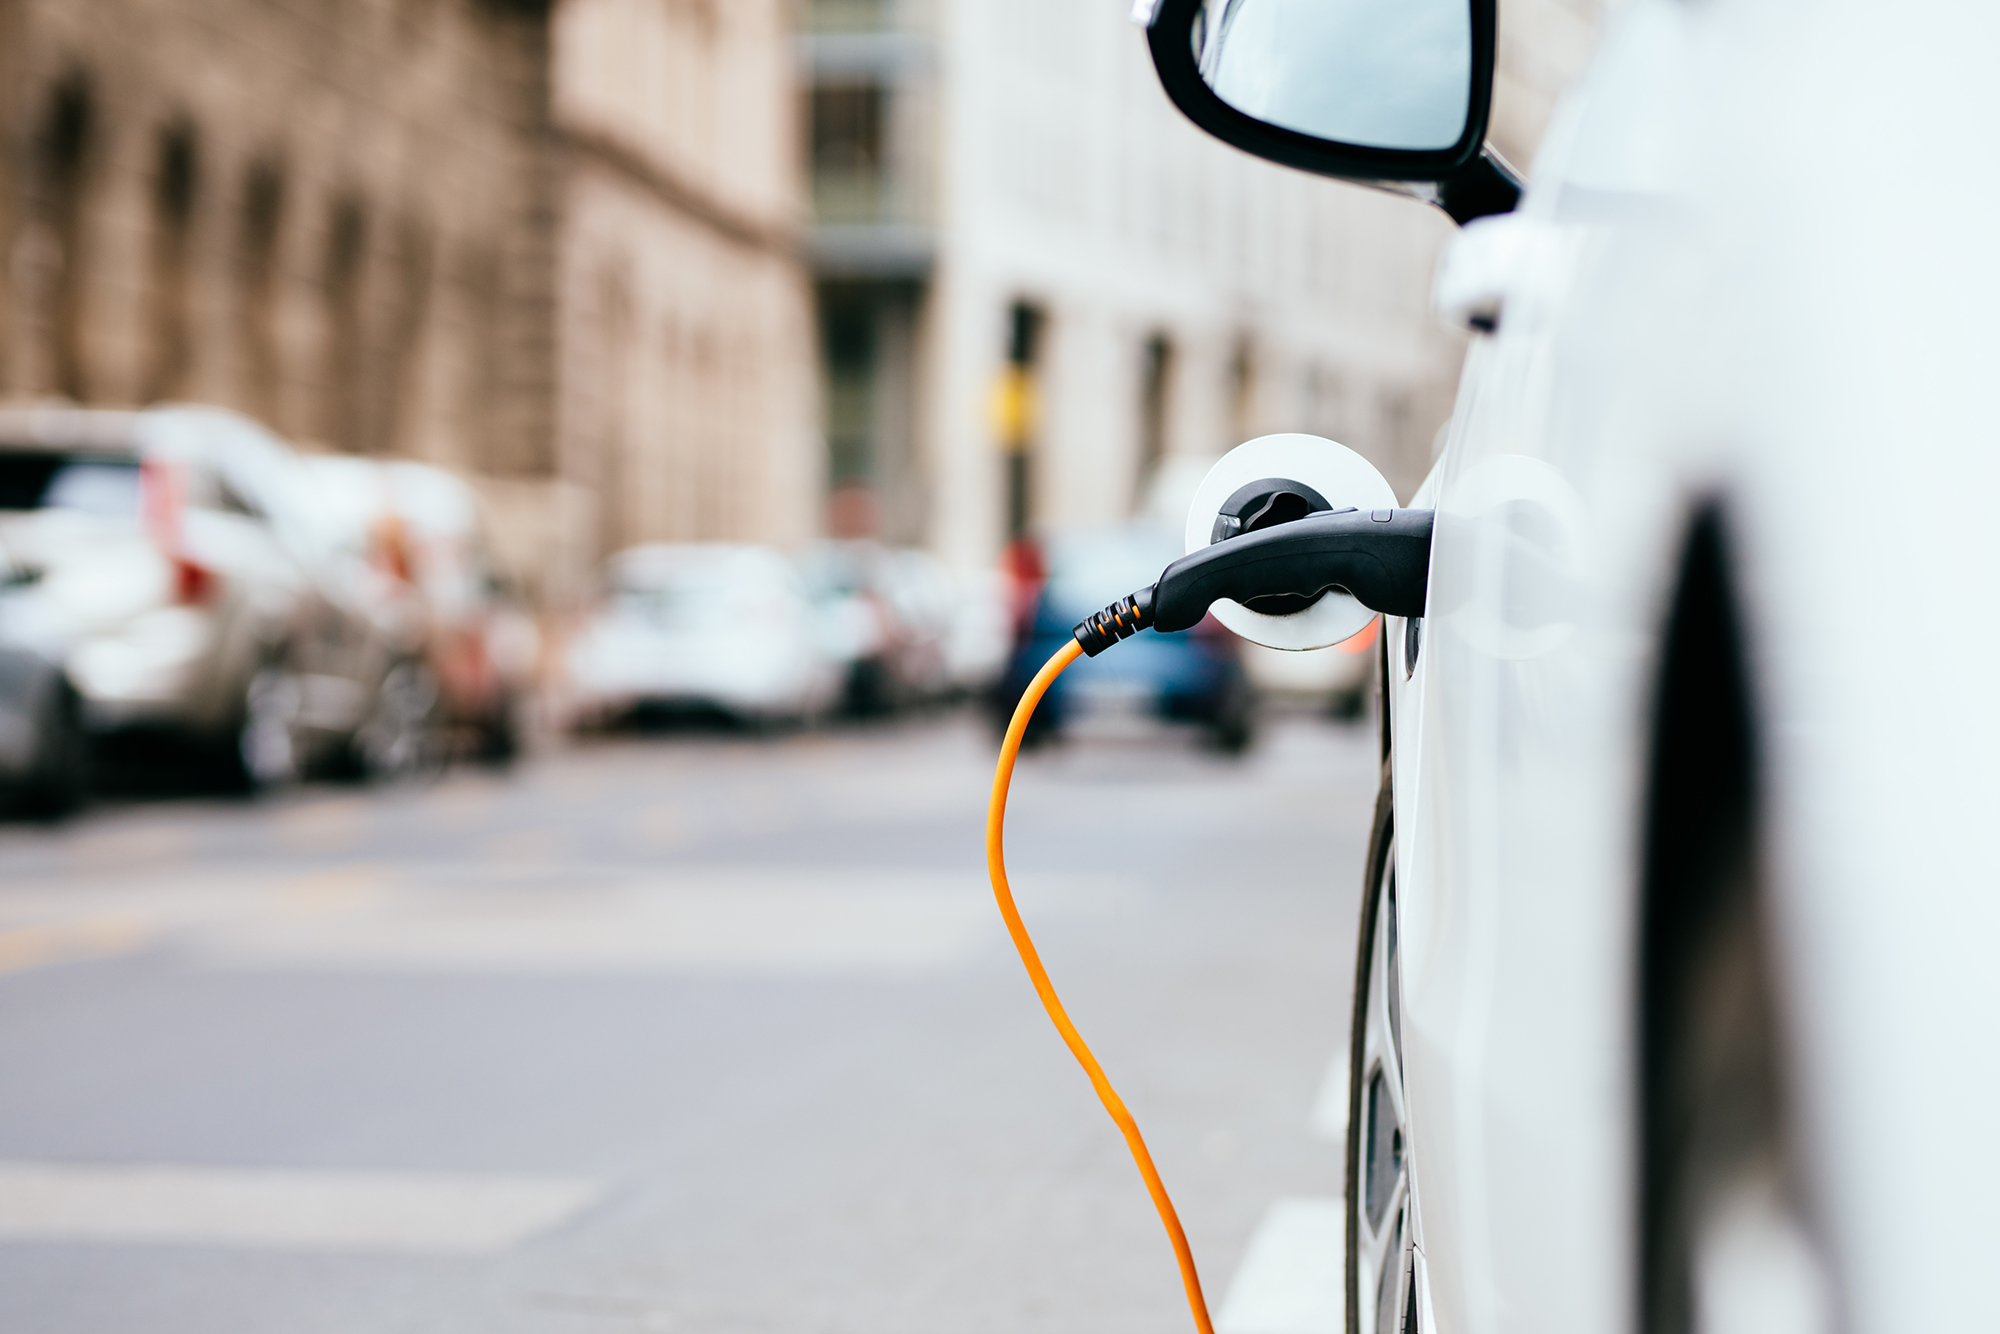 Bilde av delings-elbil med ladekontakt plugget i.